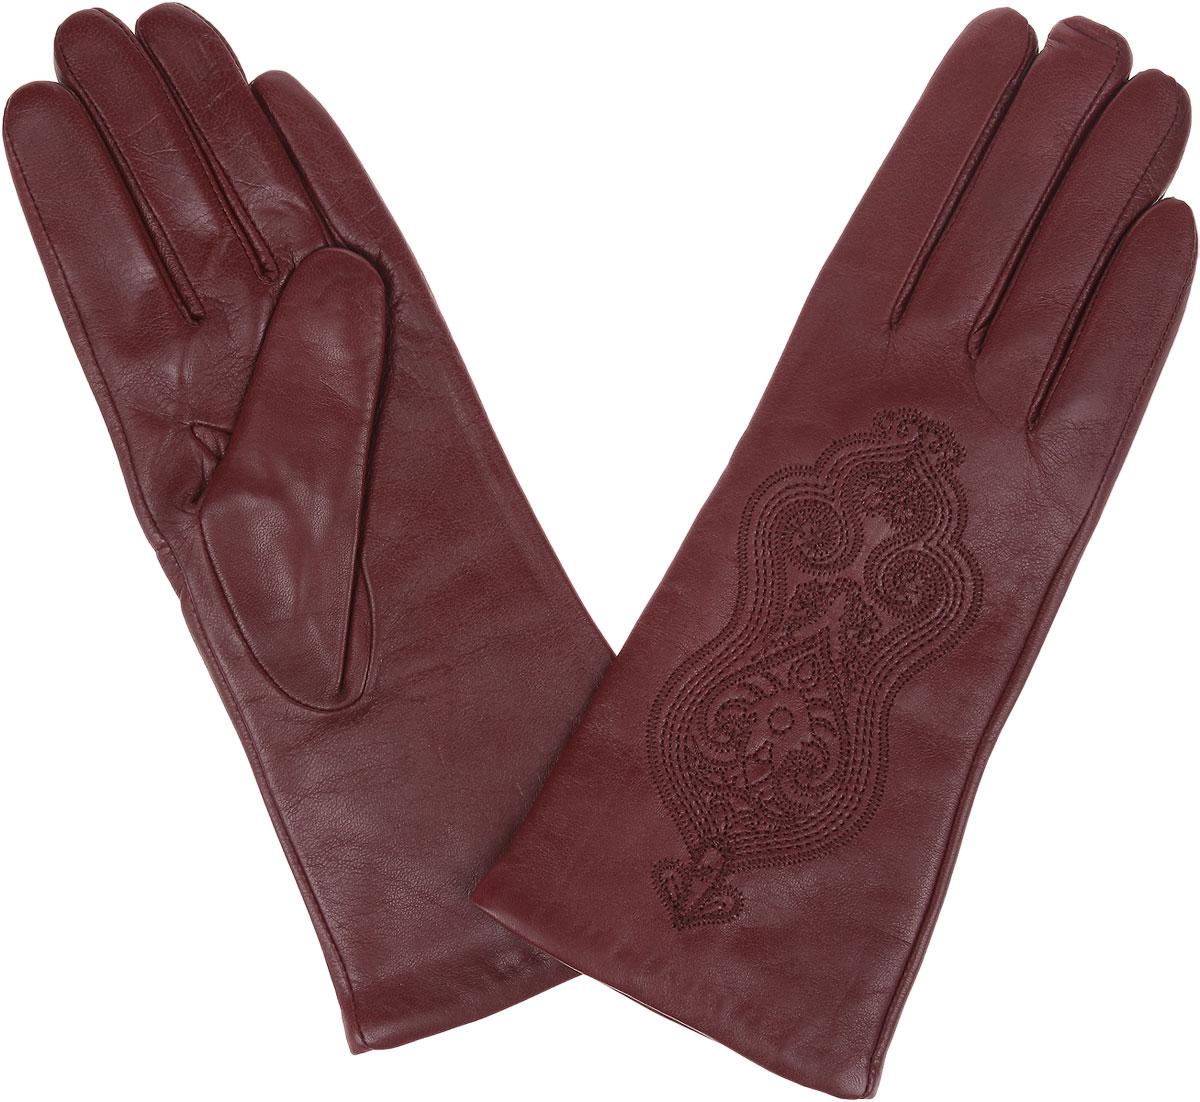 Перчатки9.68-8_bordoЖенские перчатки Fabretti защитят ваши руки от холода и станут стильным дополнением вашего образа. Перчатки изготовлены из натуральной кожи на подкладке из шерсти с добавлением кашемира. Лицевую сторону изделия украшает вышитый узор. Перчатки являются неотъемлемой принадлежностью одежды, вместе с этим аксессуаром вы обретаете женственность и элегантность. Они станут завершающим и подчеркивающим элементом вашего неповторимого стиля.